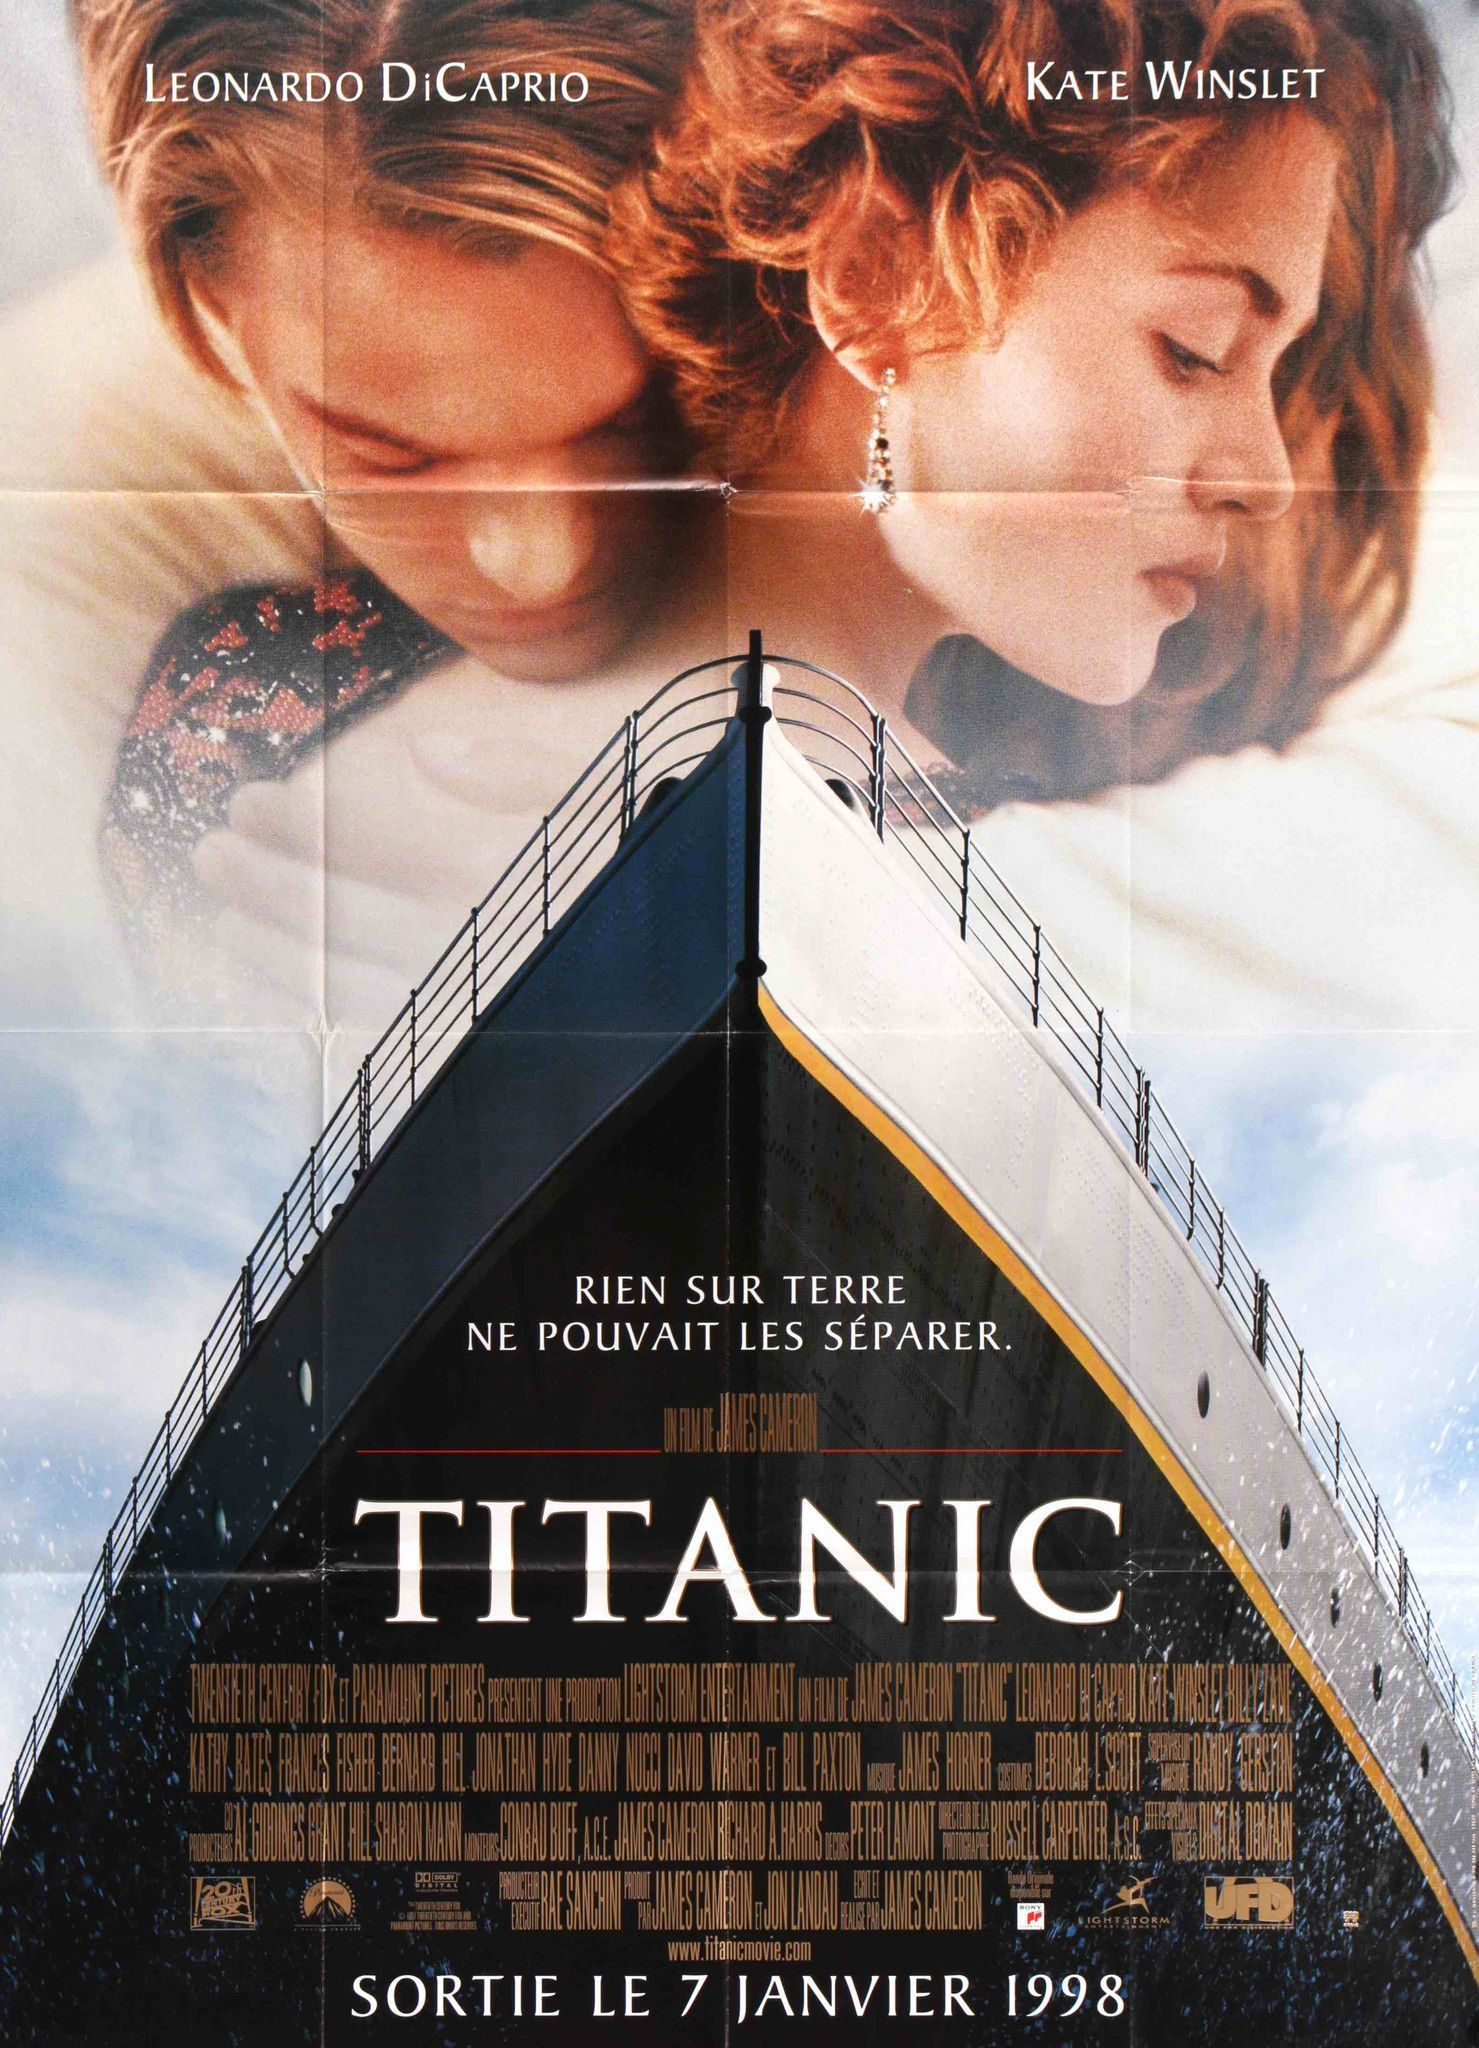 Titanic 1997 Movie Posters Titanic Leonardo Dicaprio